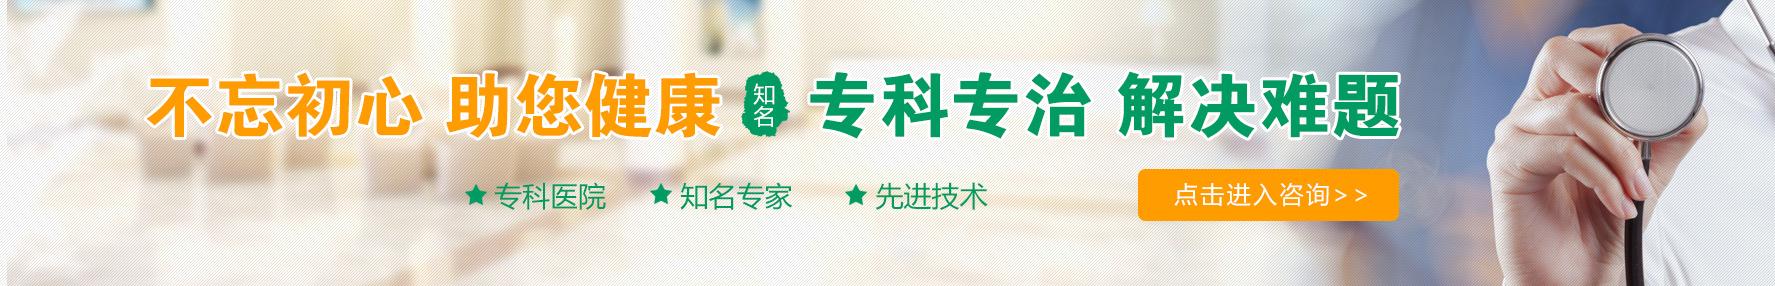 上海胃肠科医院